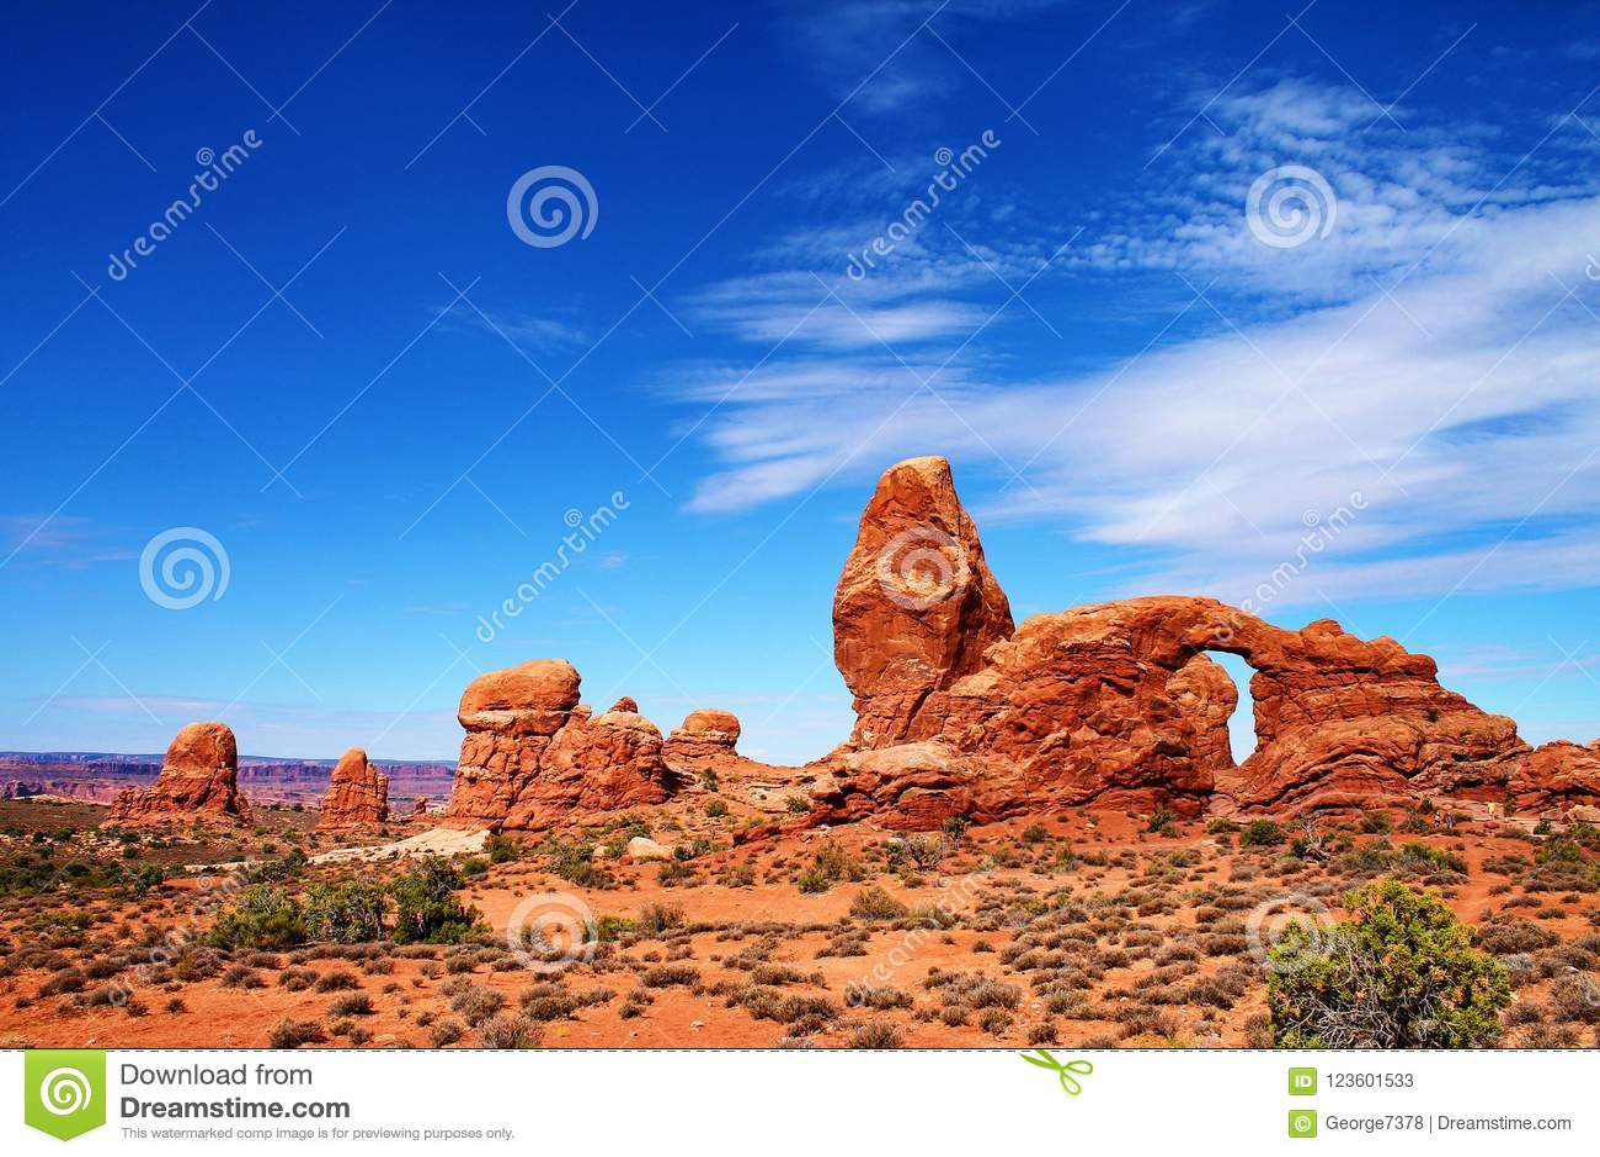 Formaciones de roca irregulares con los pináculos y el arco, a través de un paisaje del desierto en Utah